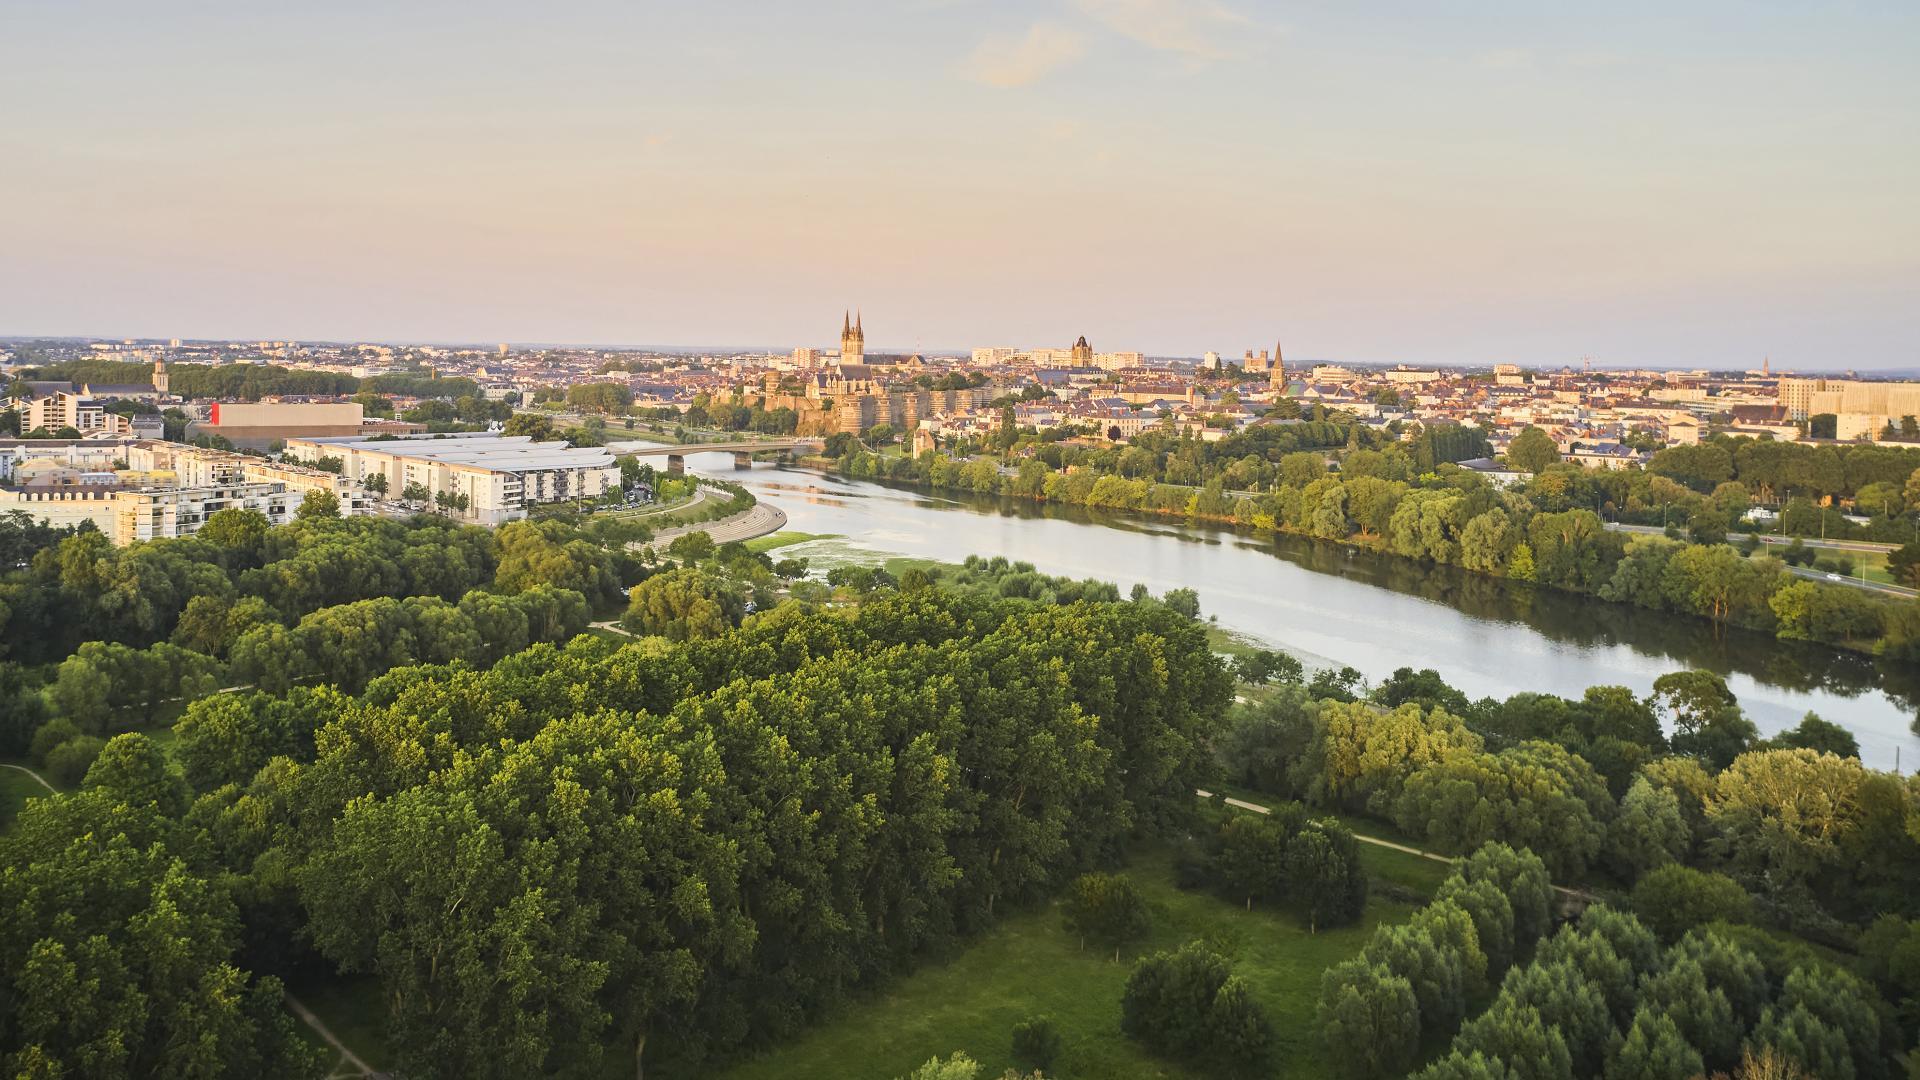 Angers, vue aérienne depuis le parc Balzac